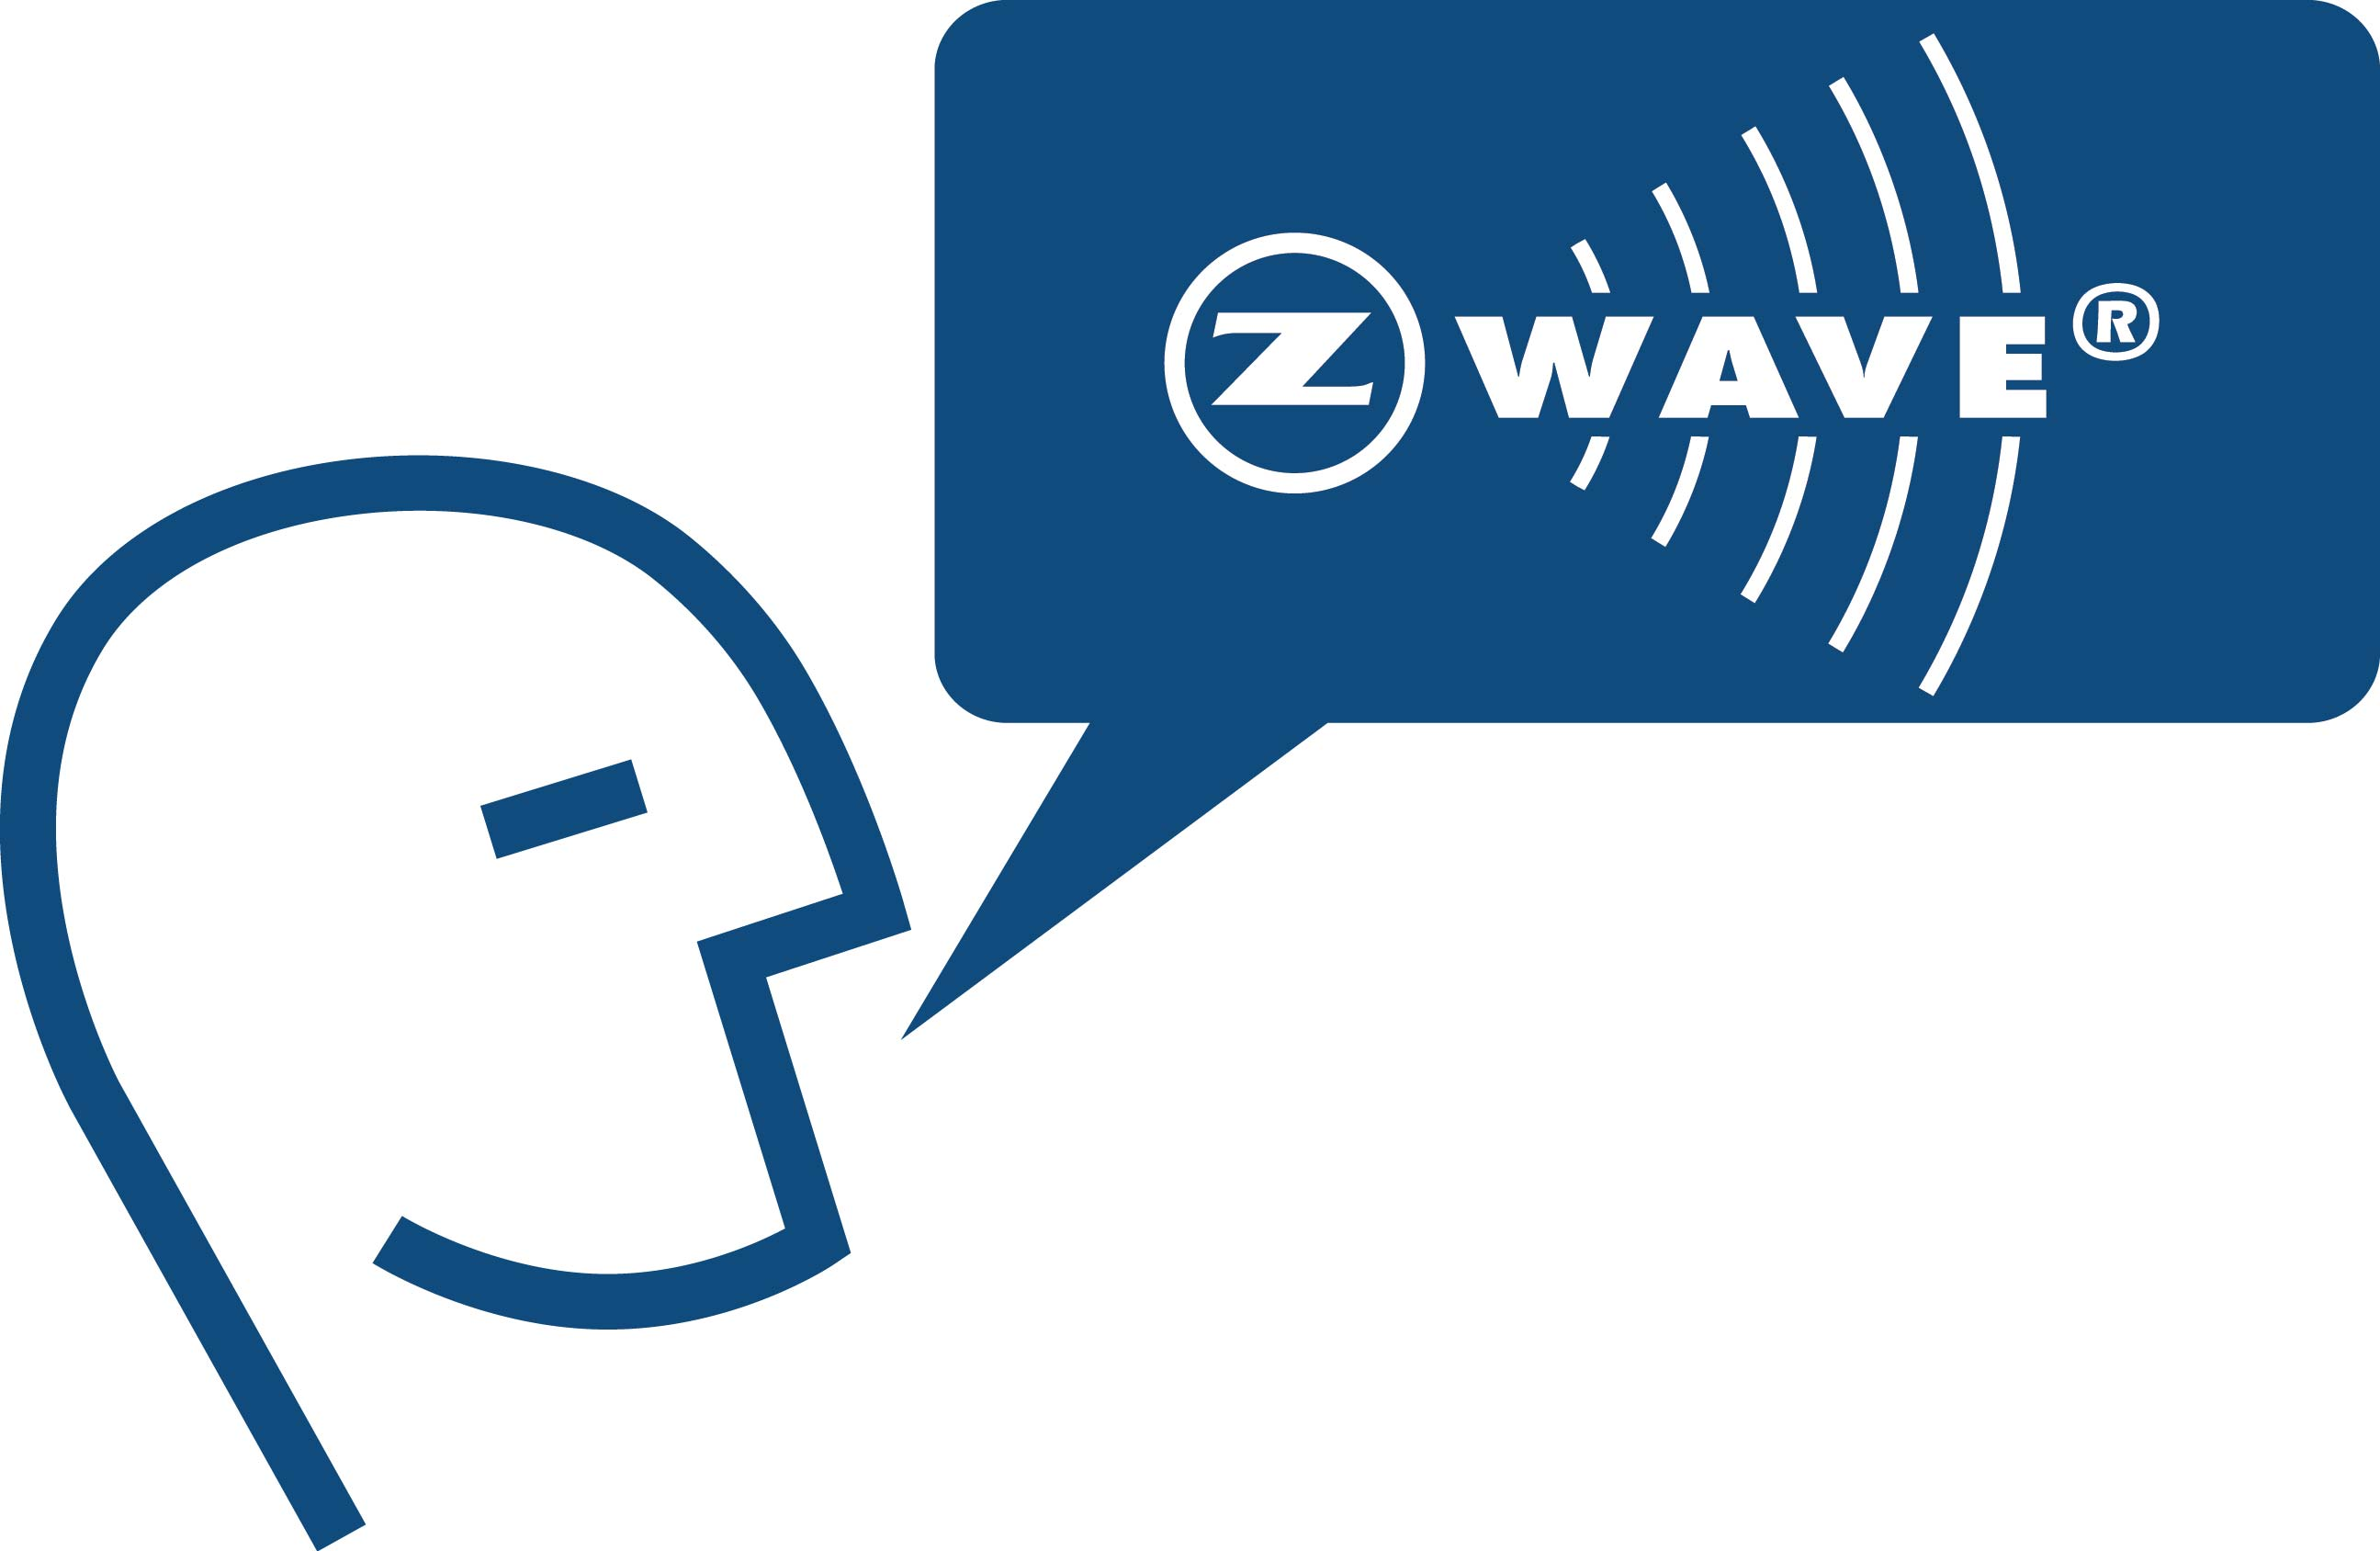 Картинки по запросу z wave